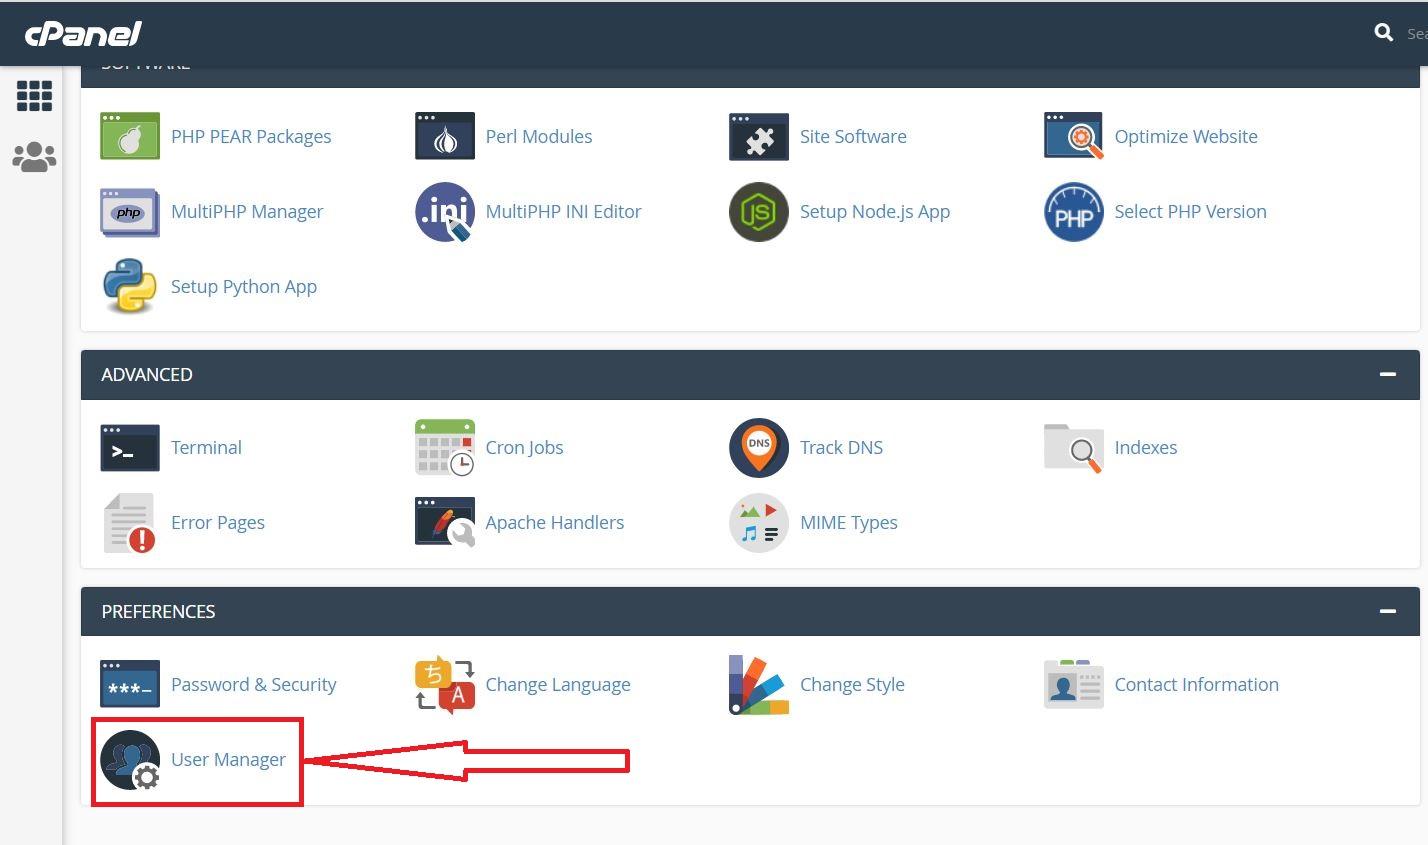 استفاده از User Manager در سی پنل هاست لینوکس